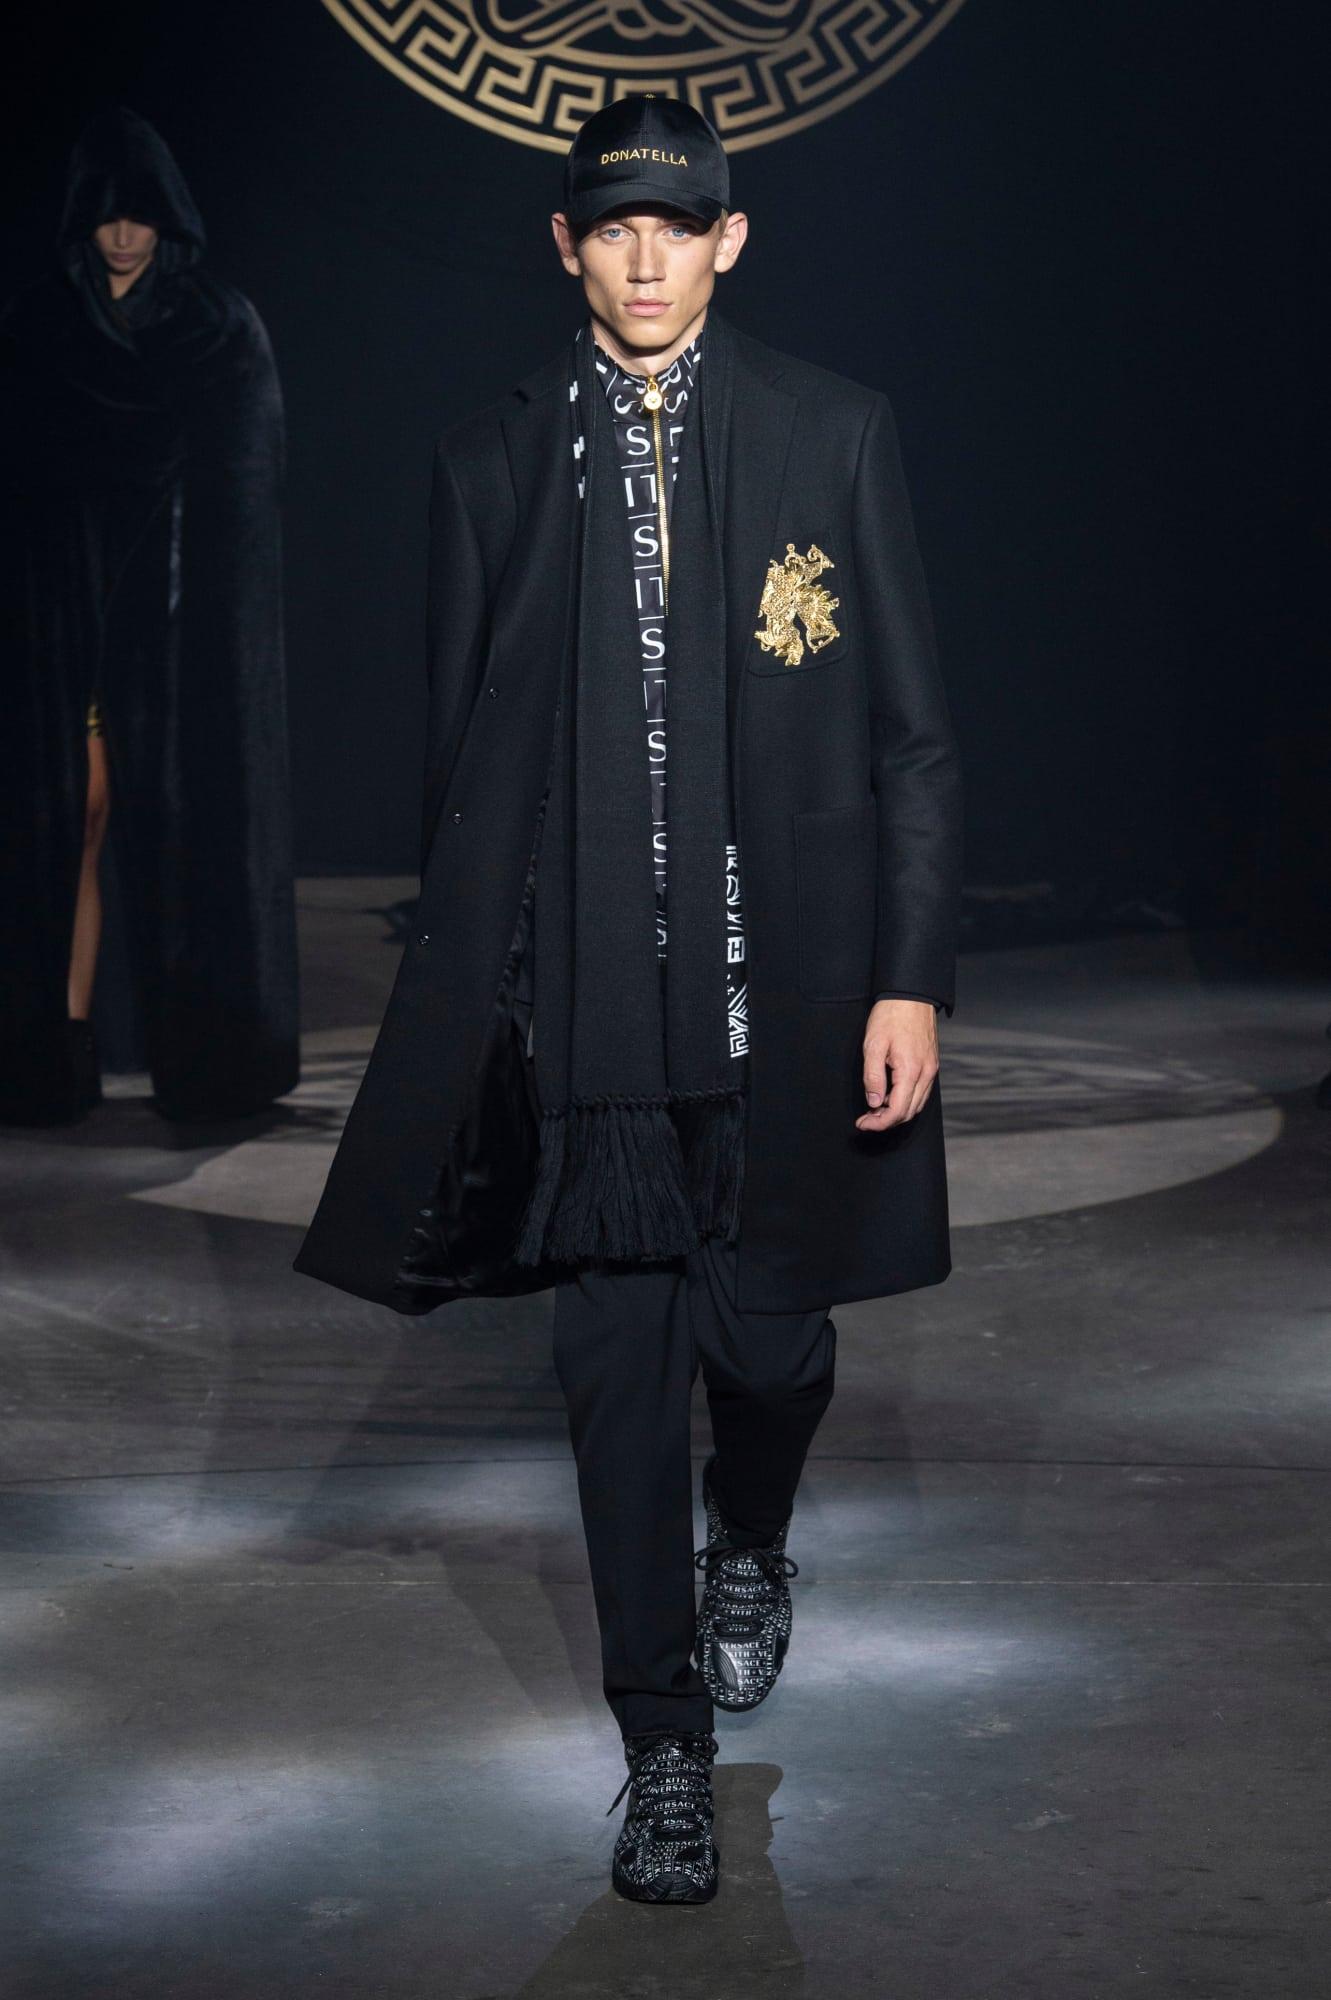 Kith X Versace Une Collaboration Sous Le Signe De La Mduse